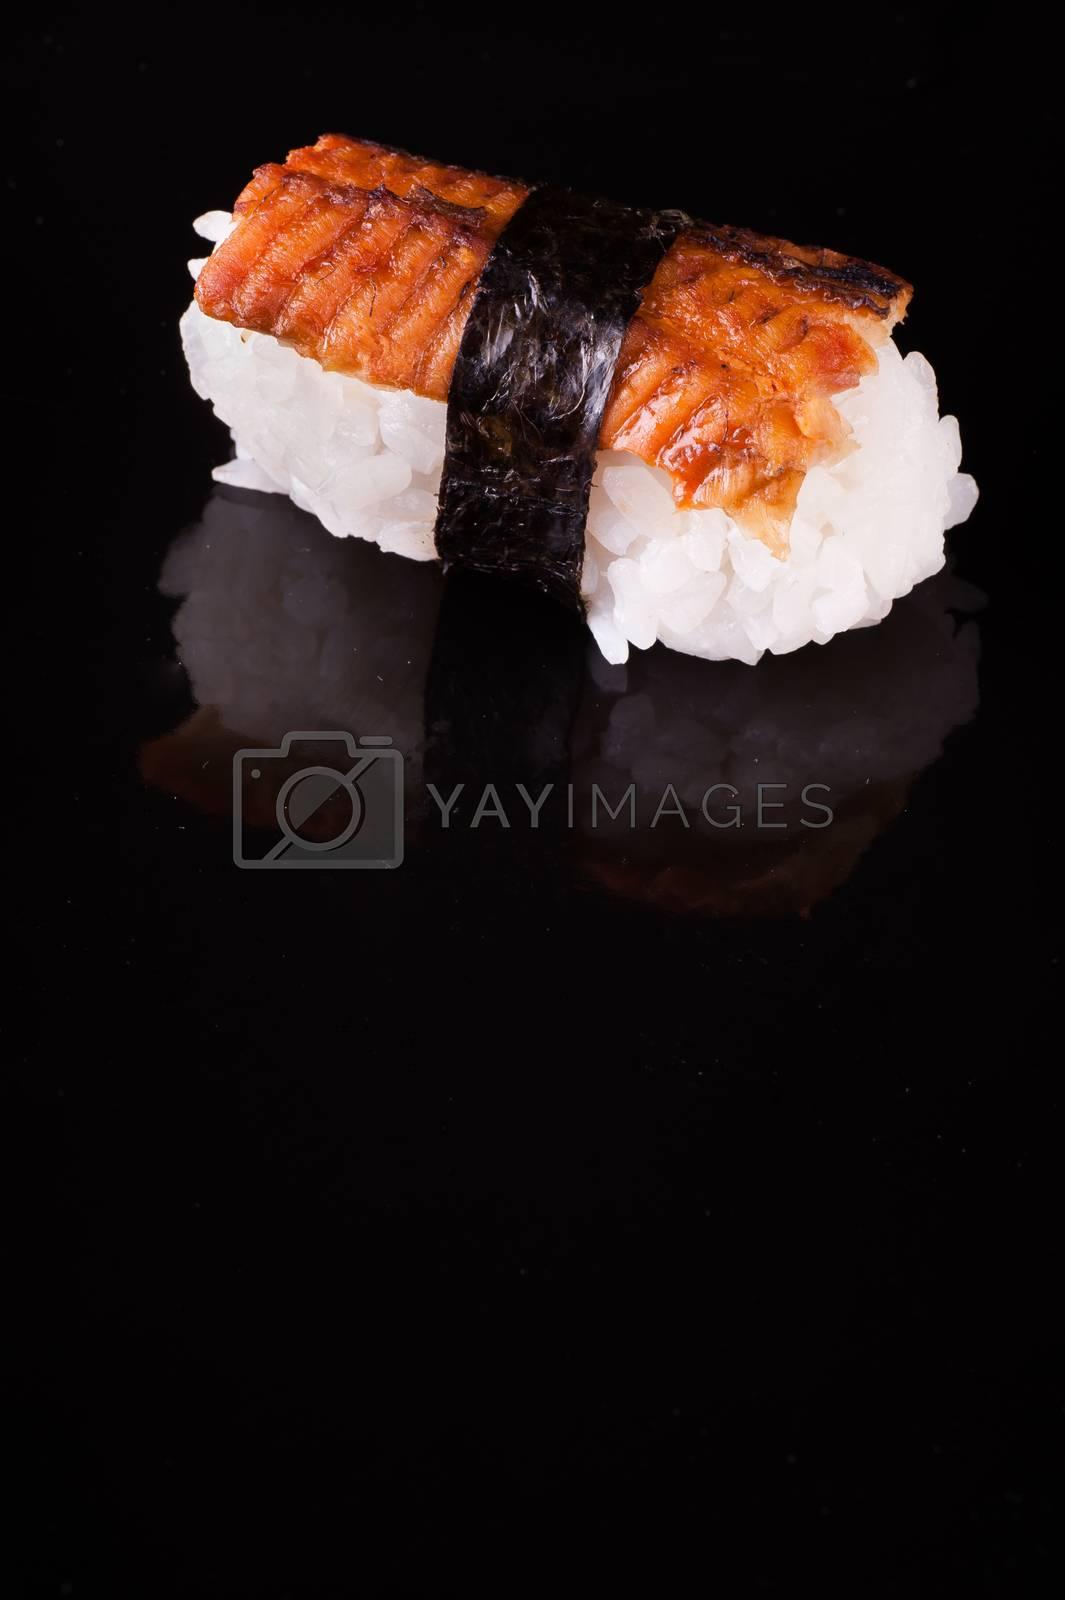 eel nigiri isolated on isolated black background